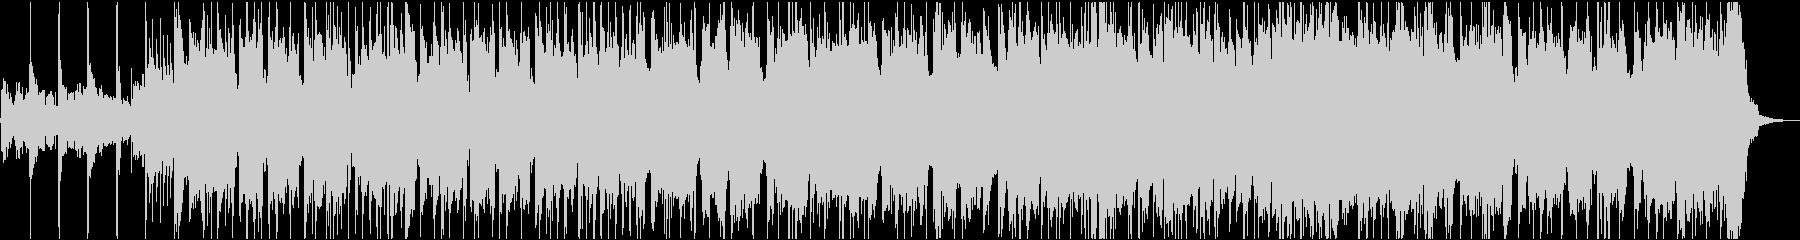 重低音が響くワイルドなロックの未再生の波形